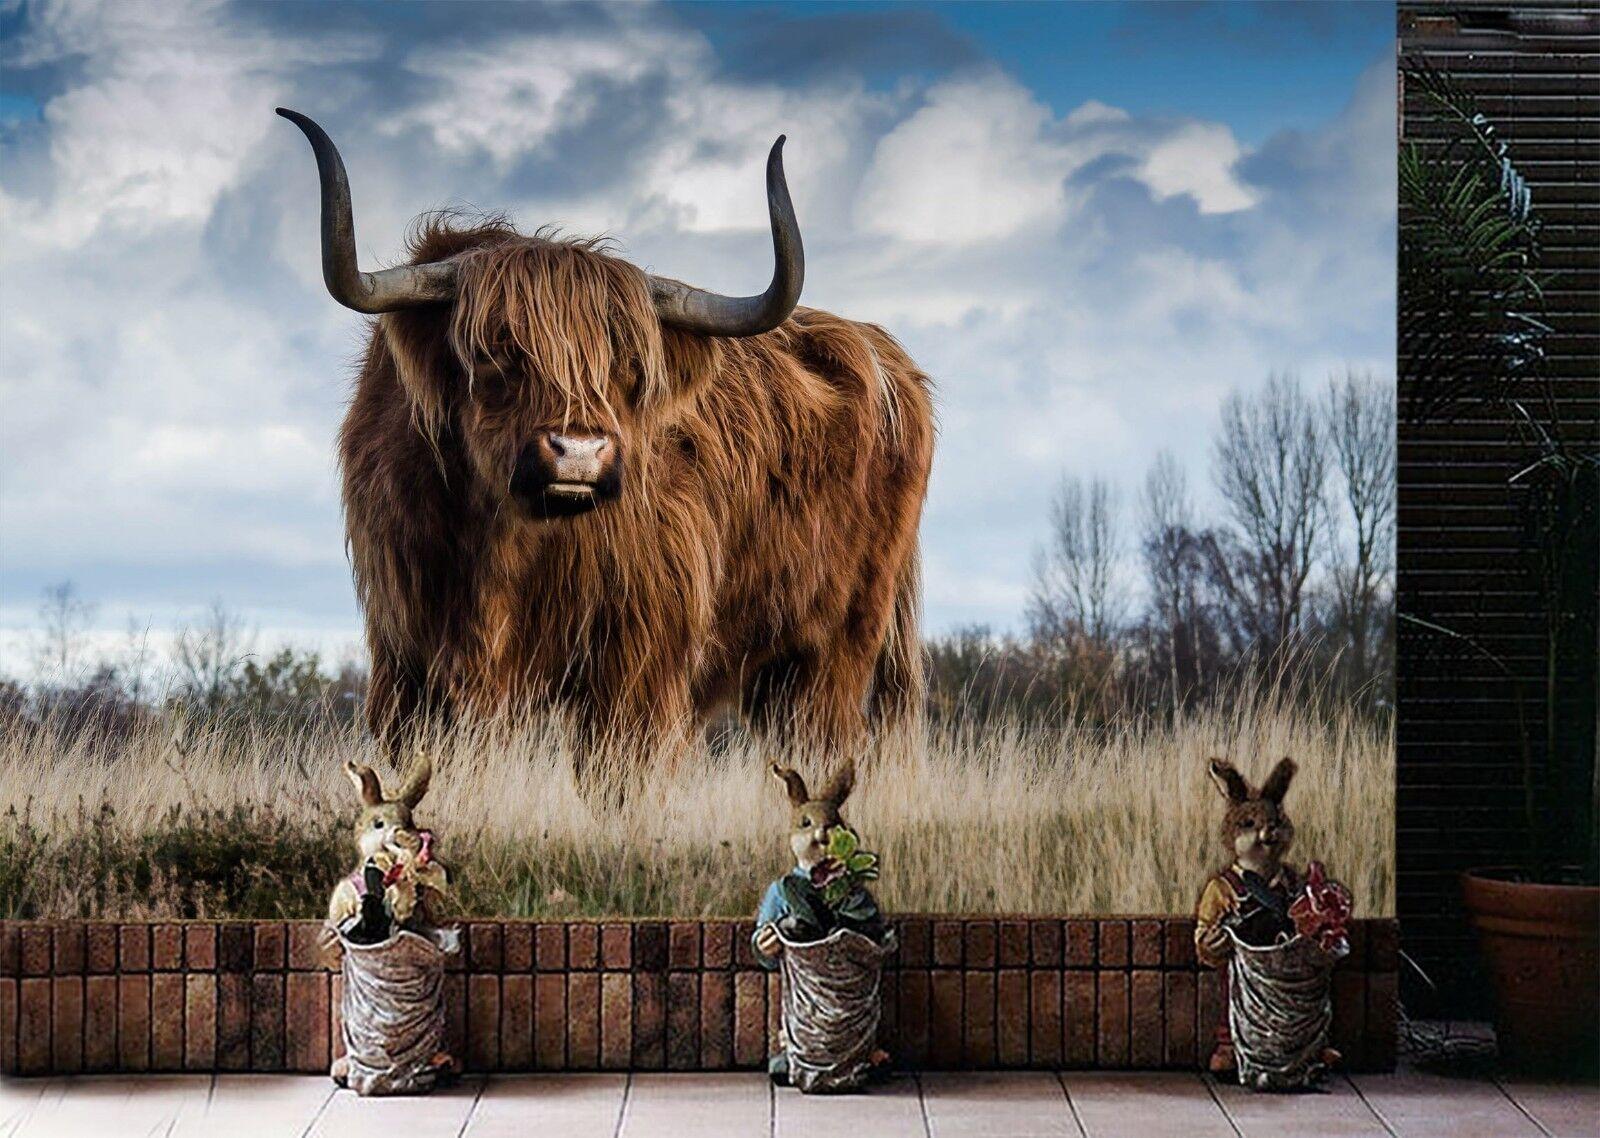 3D Cattle Grass 7154 Wallpaper Mural Wall Print Wall Wallpaper Murals US Lemon